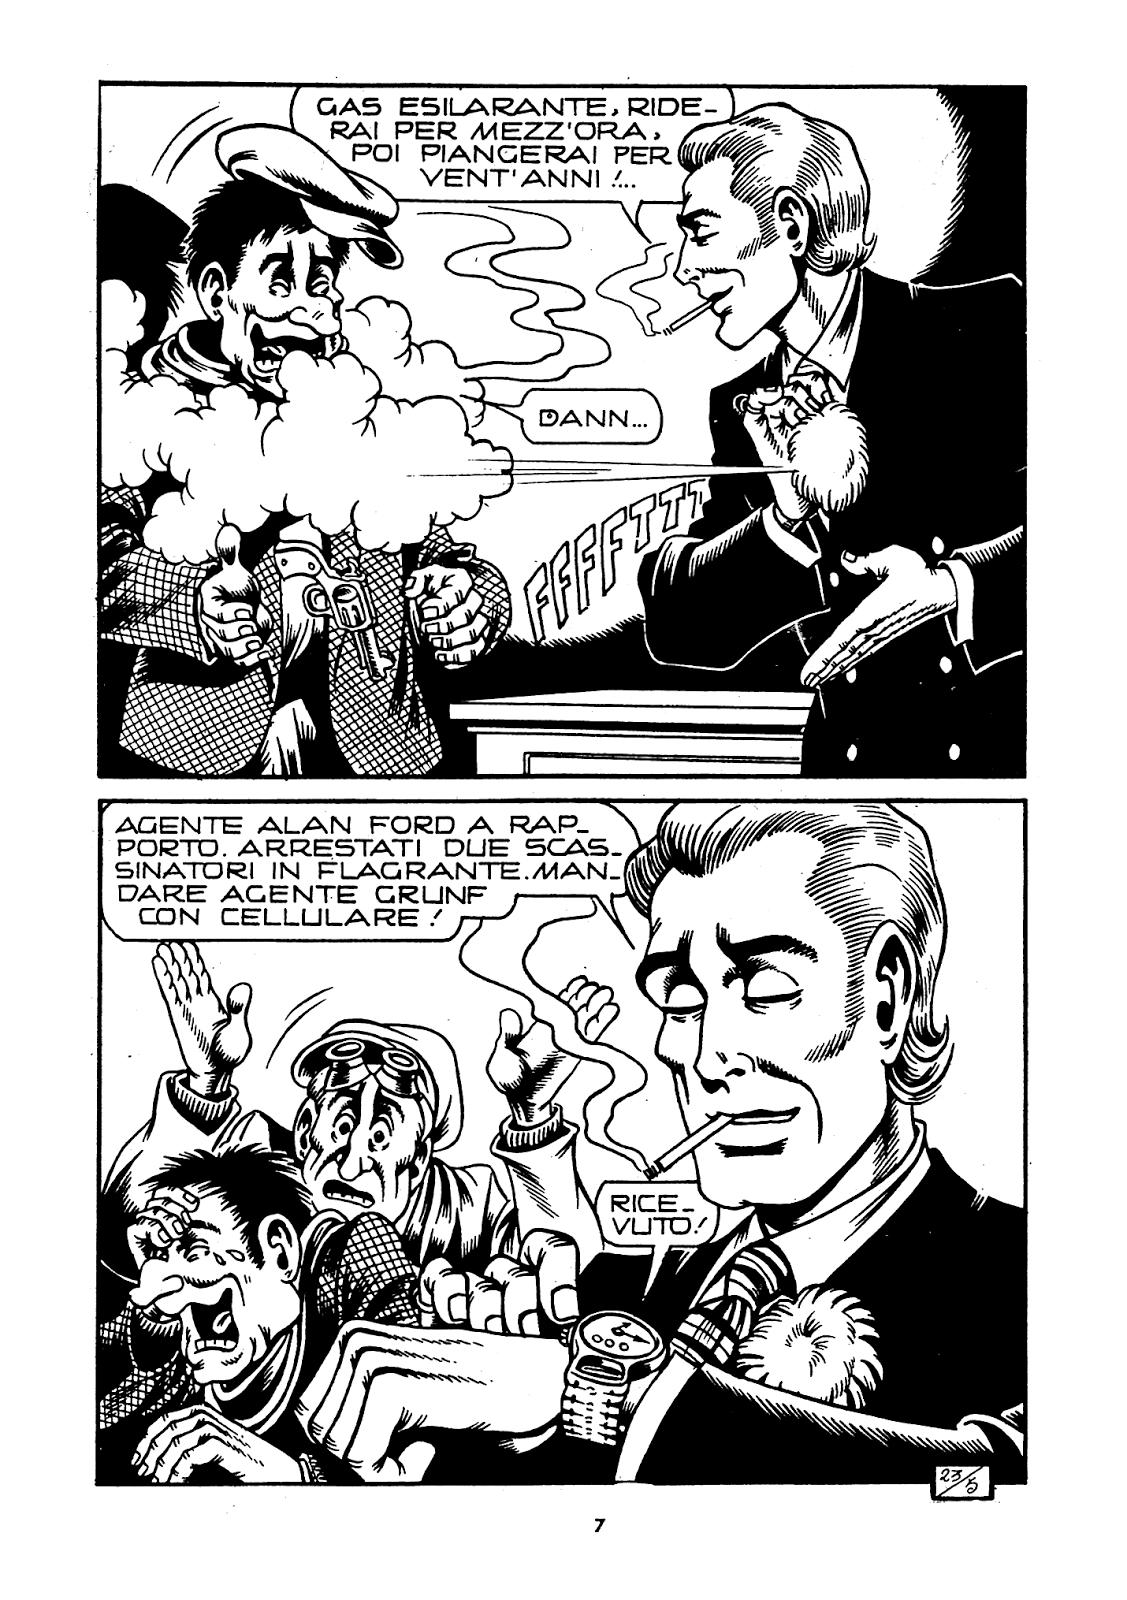 Alan ford gruppo t n t ubc enciclopedia online del fumetto - Le Origini Segrete Di Alan Ford Leggi Http Www Giornalepop It